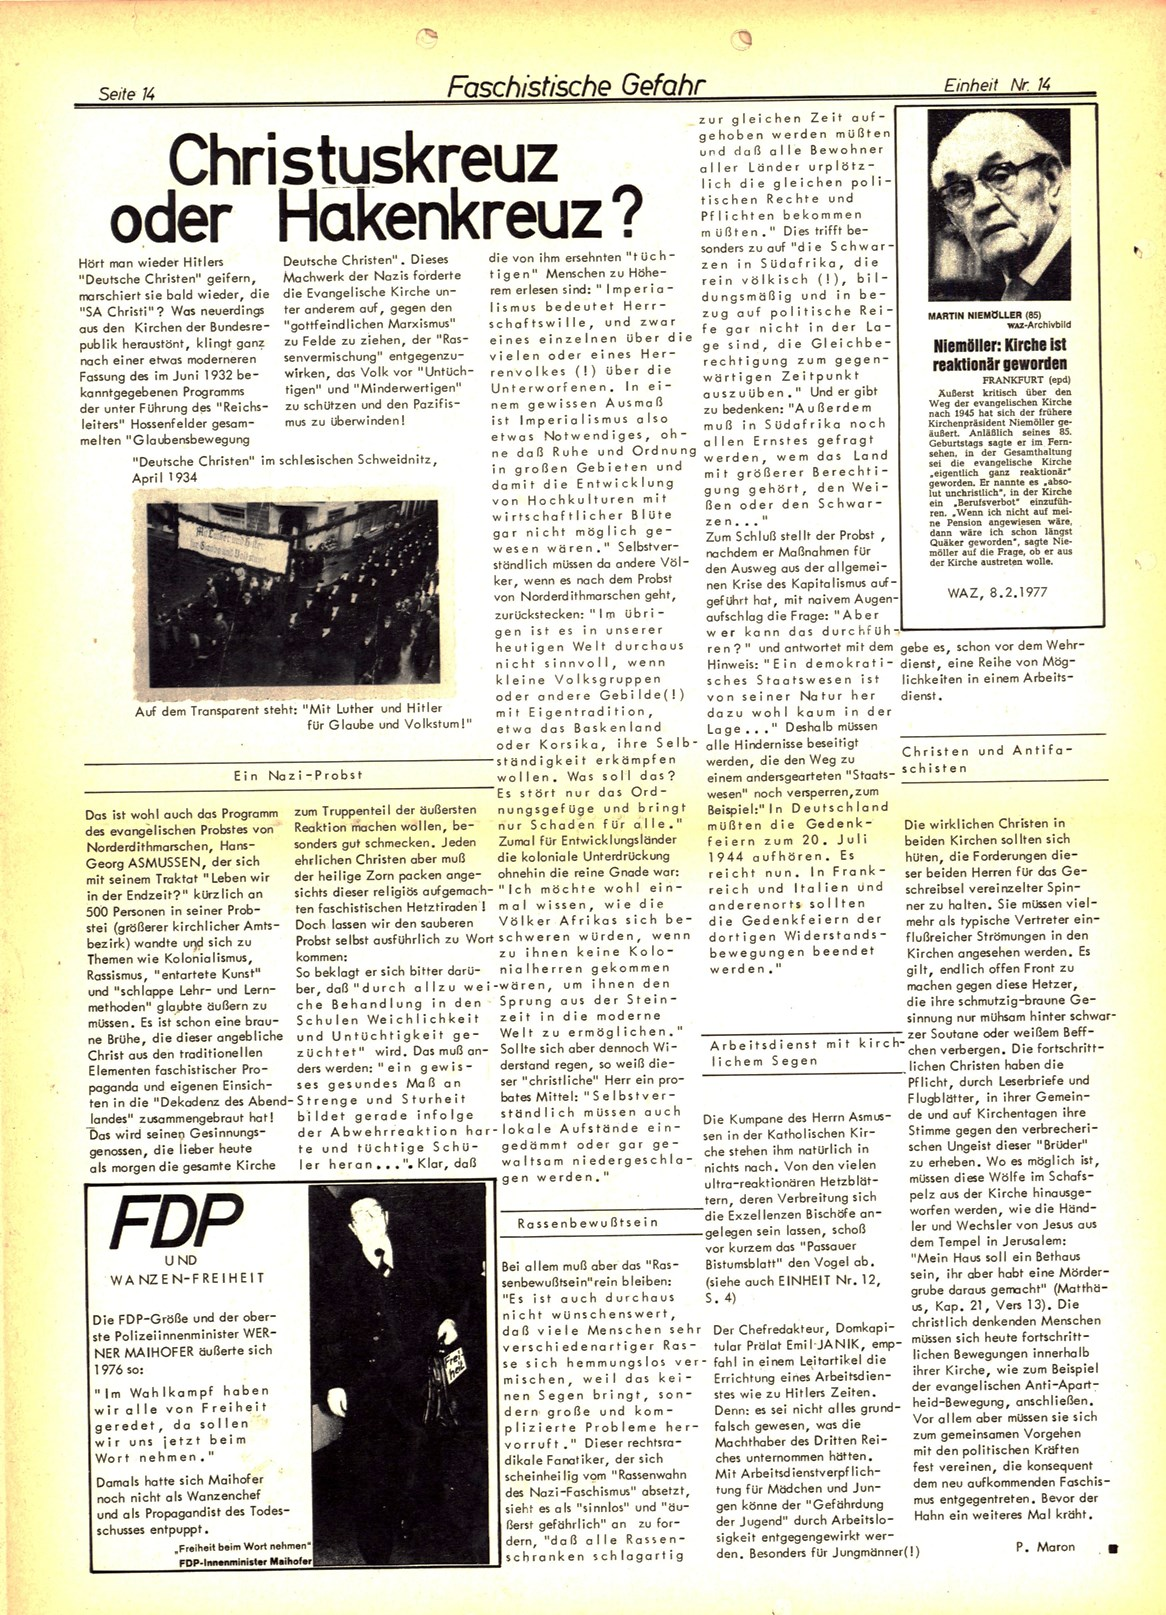 Koeln_IPdA_Einheit_1977_014_014